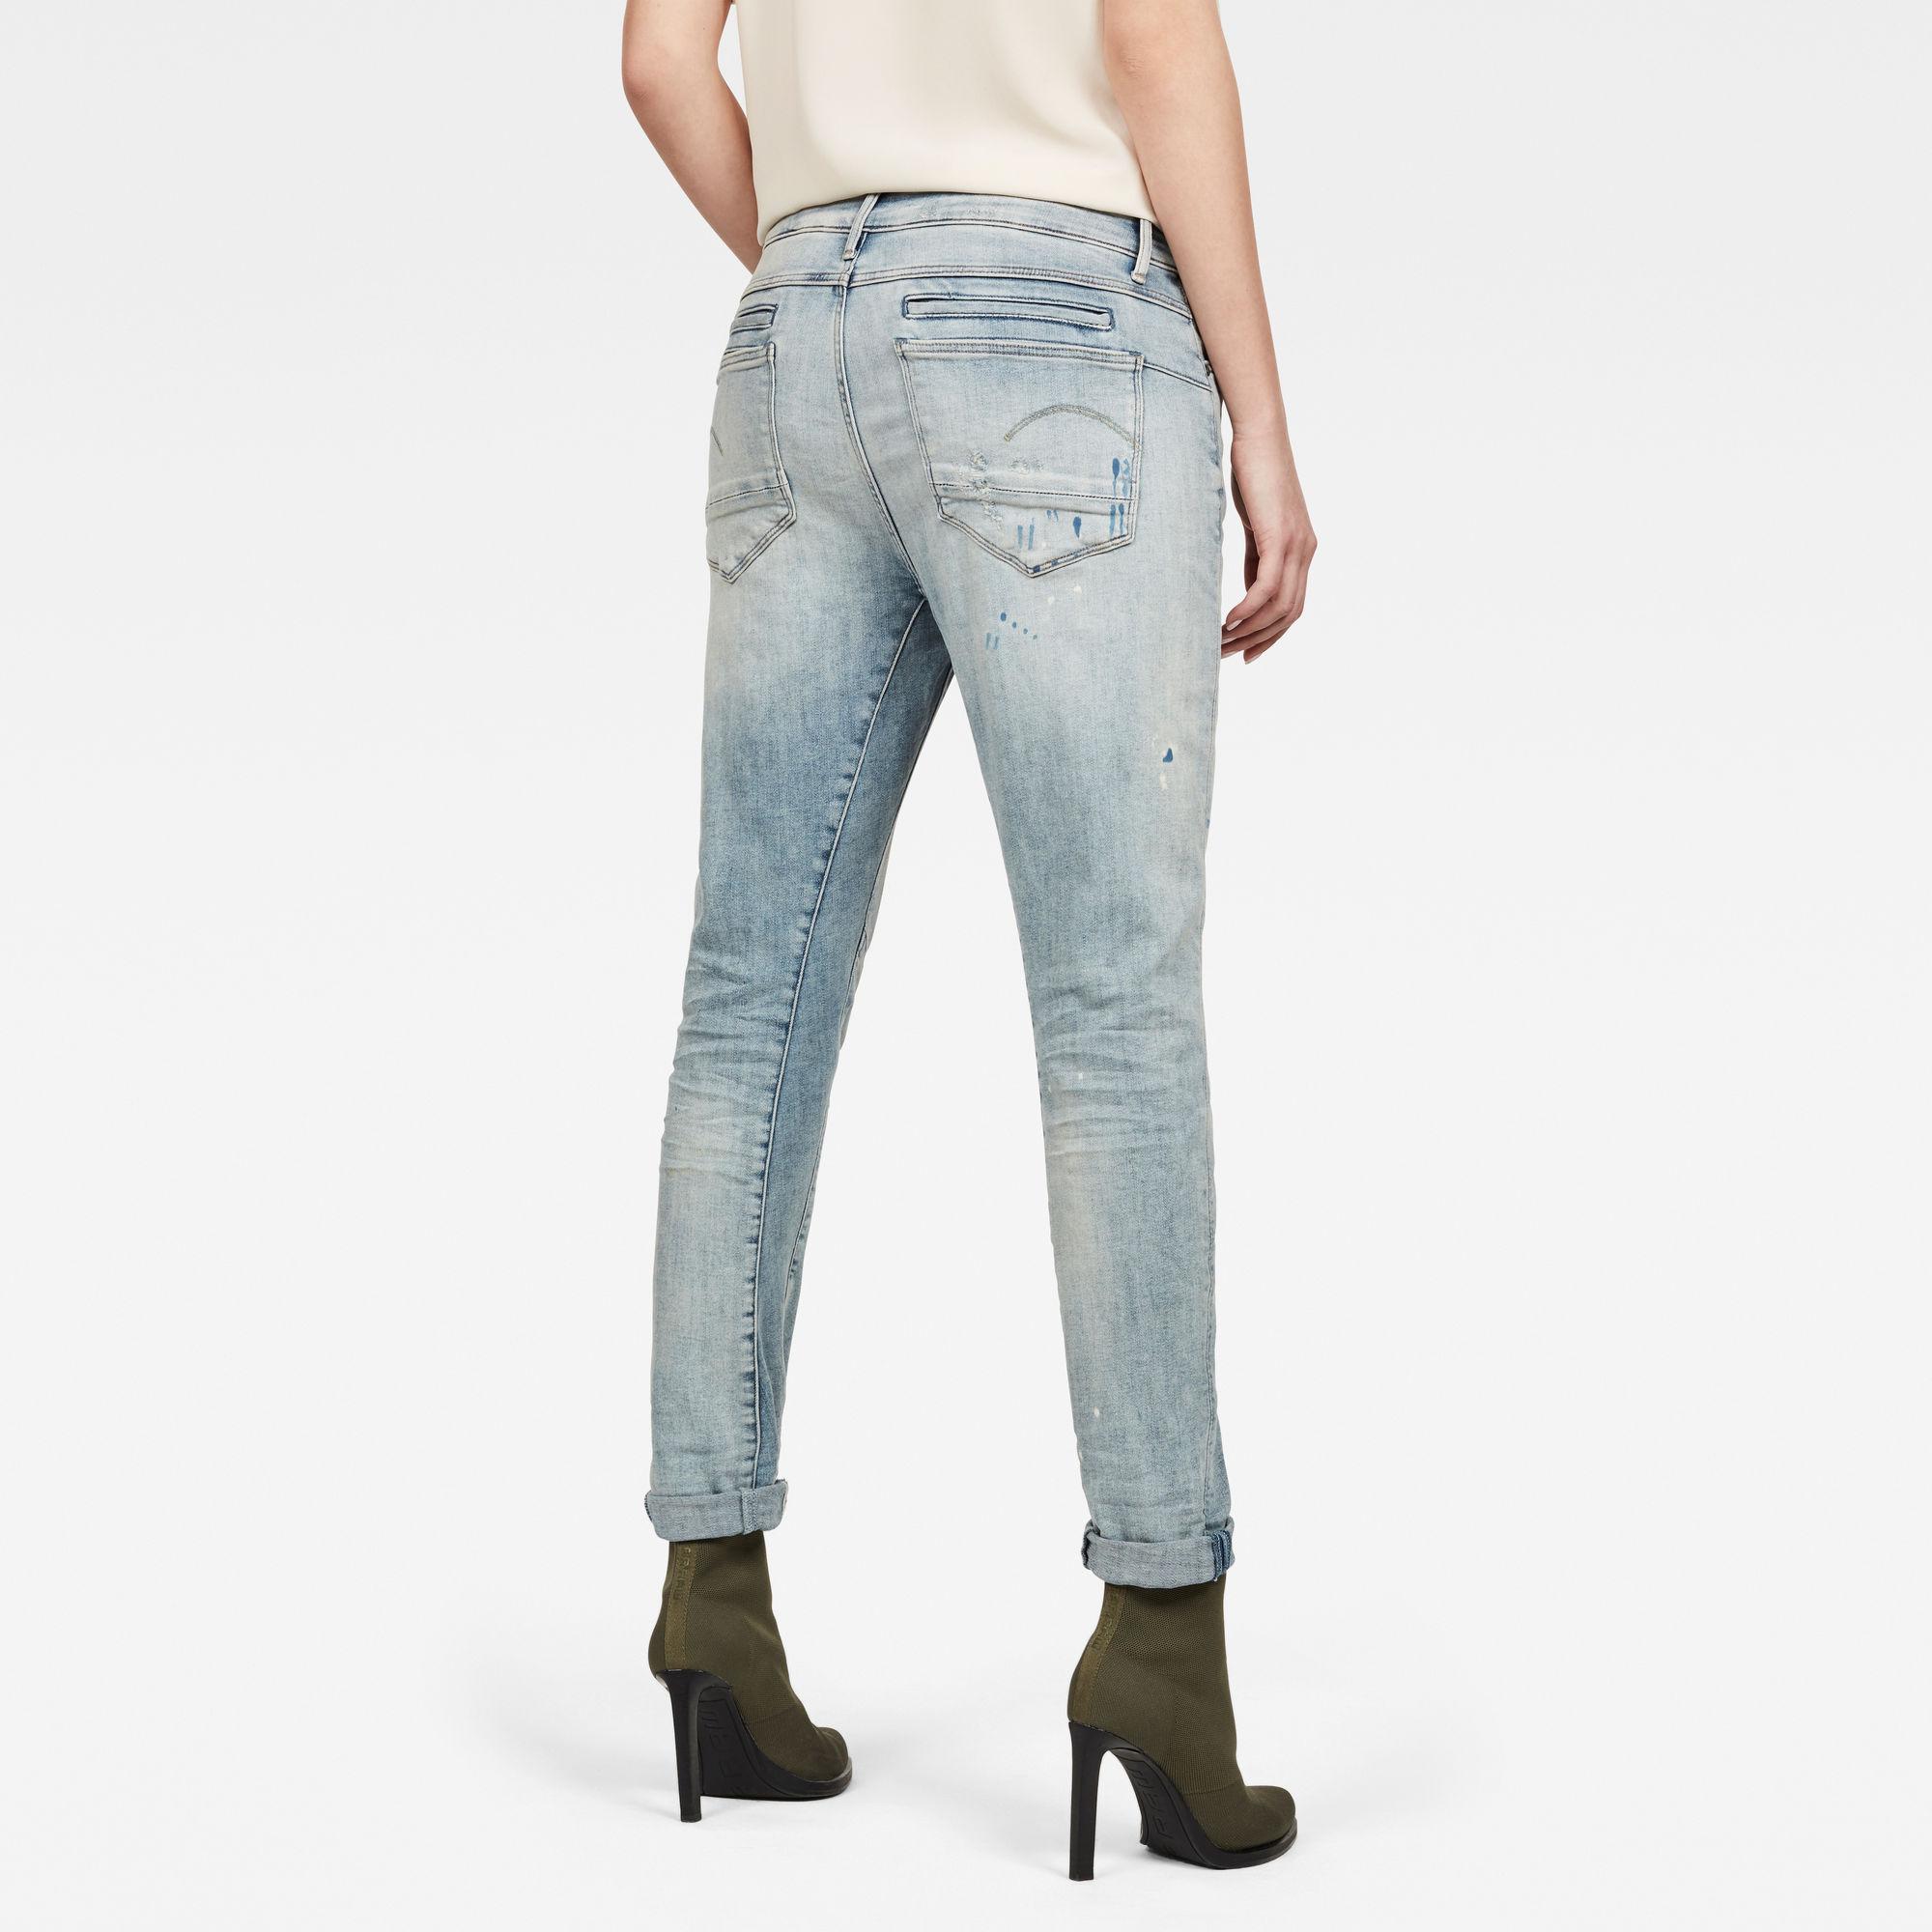 G-Star RAW D-Staq Mid Boy Slim Jeans